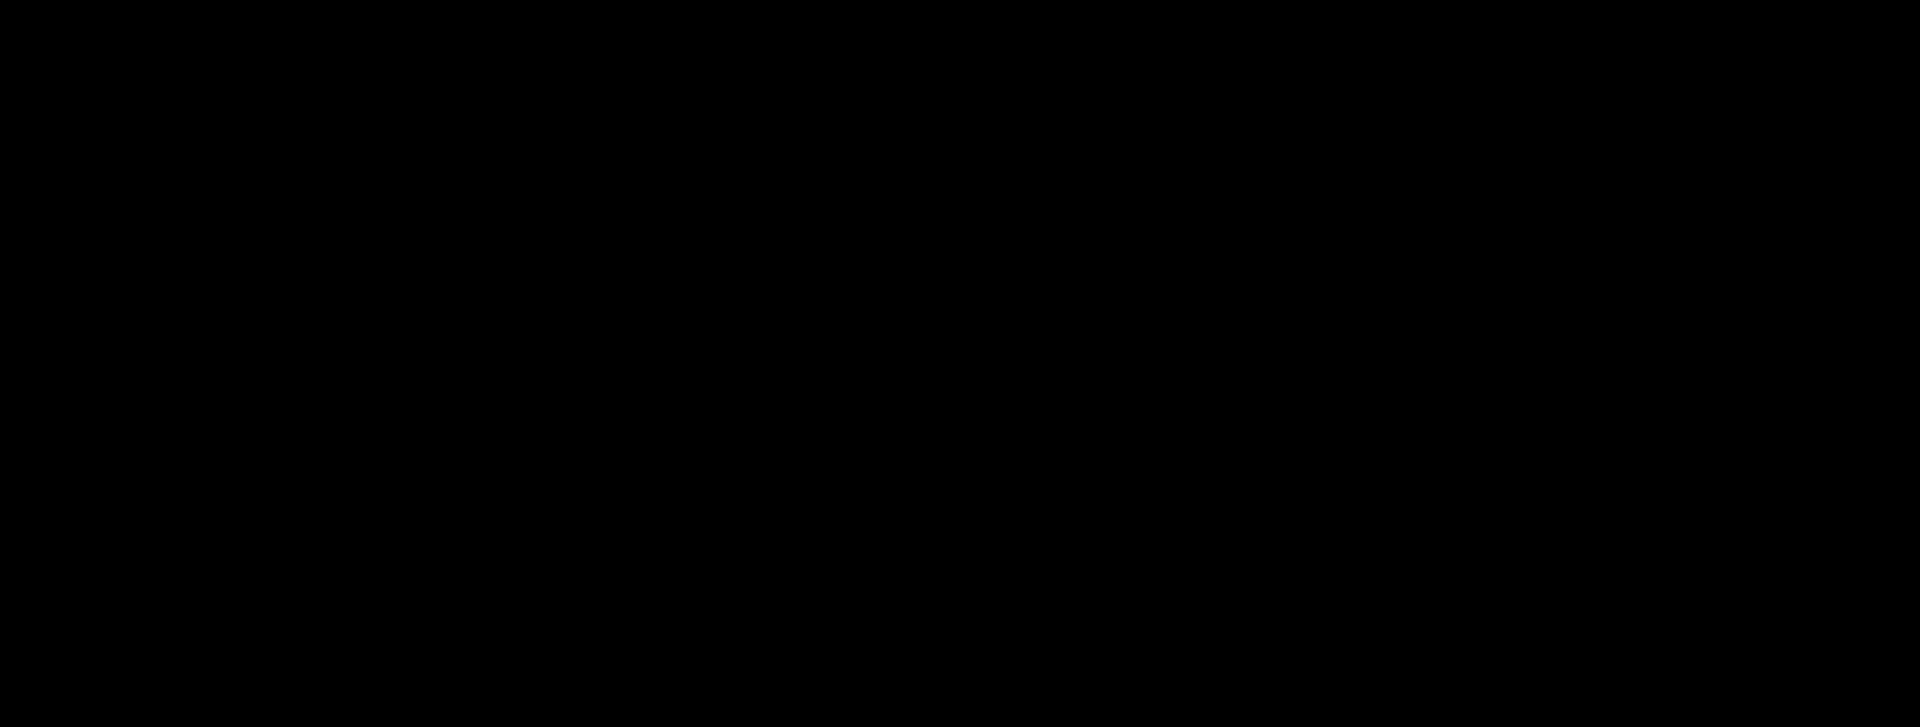 MIDO 2021